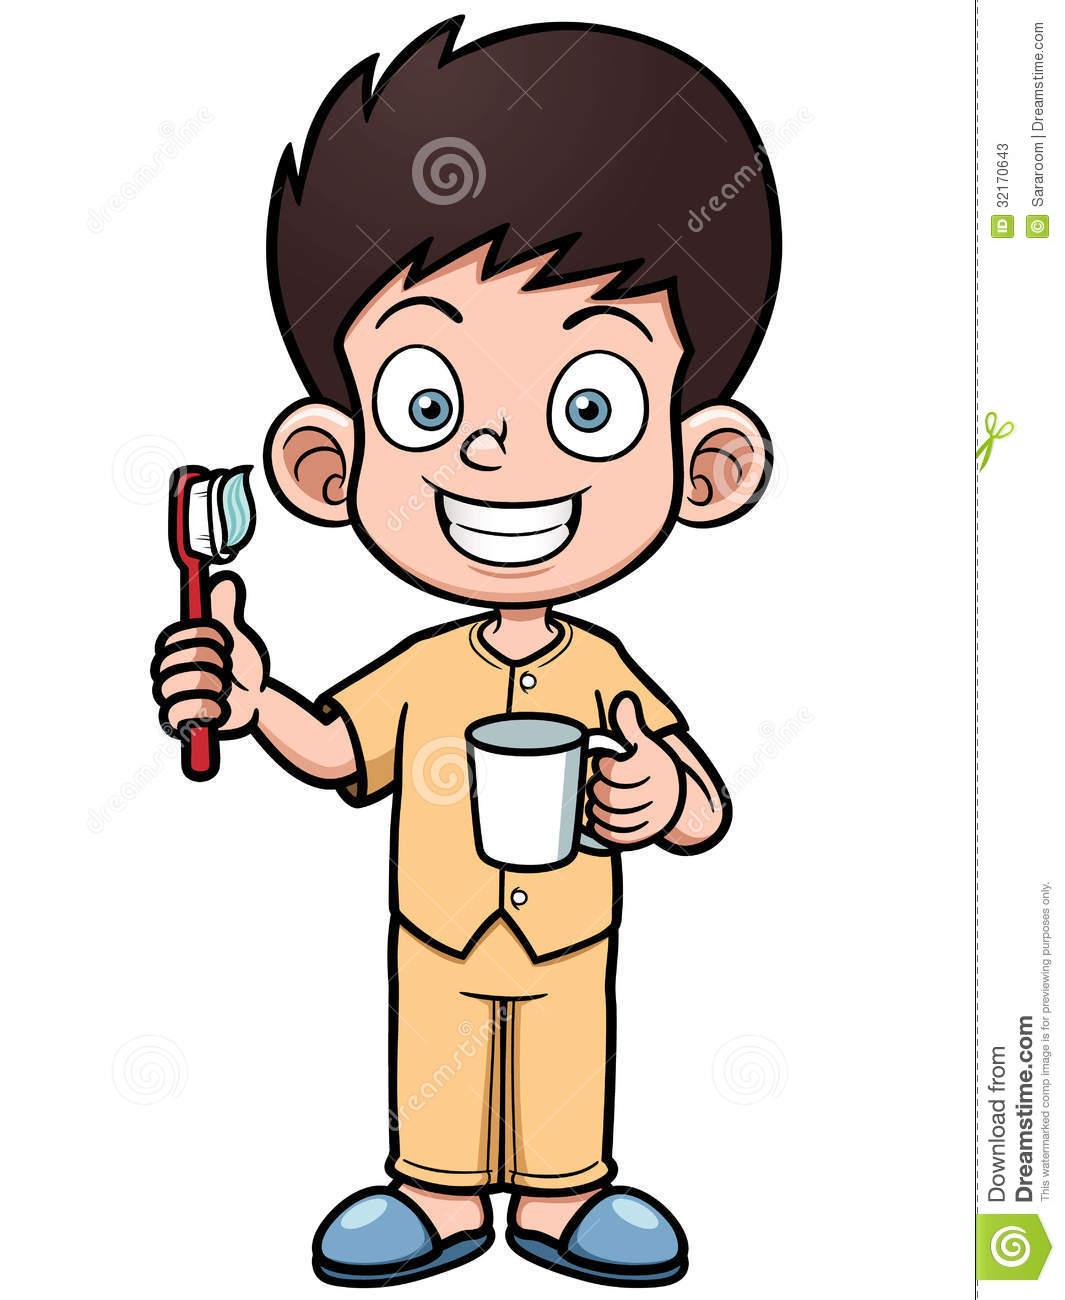 Brush clipart boy Teeth Brush boy boy clipart